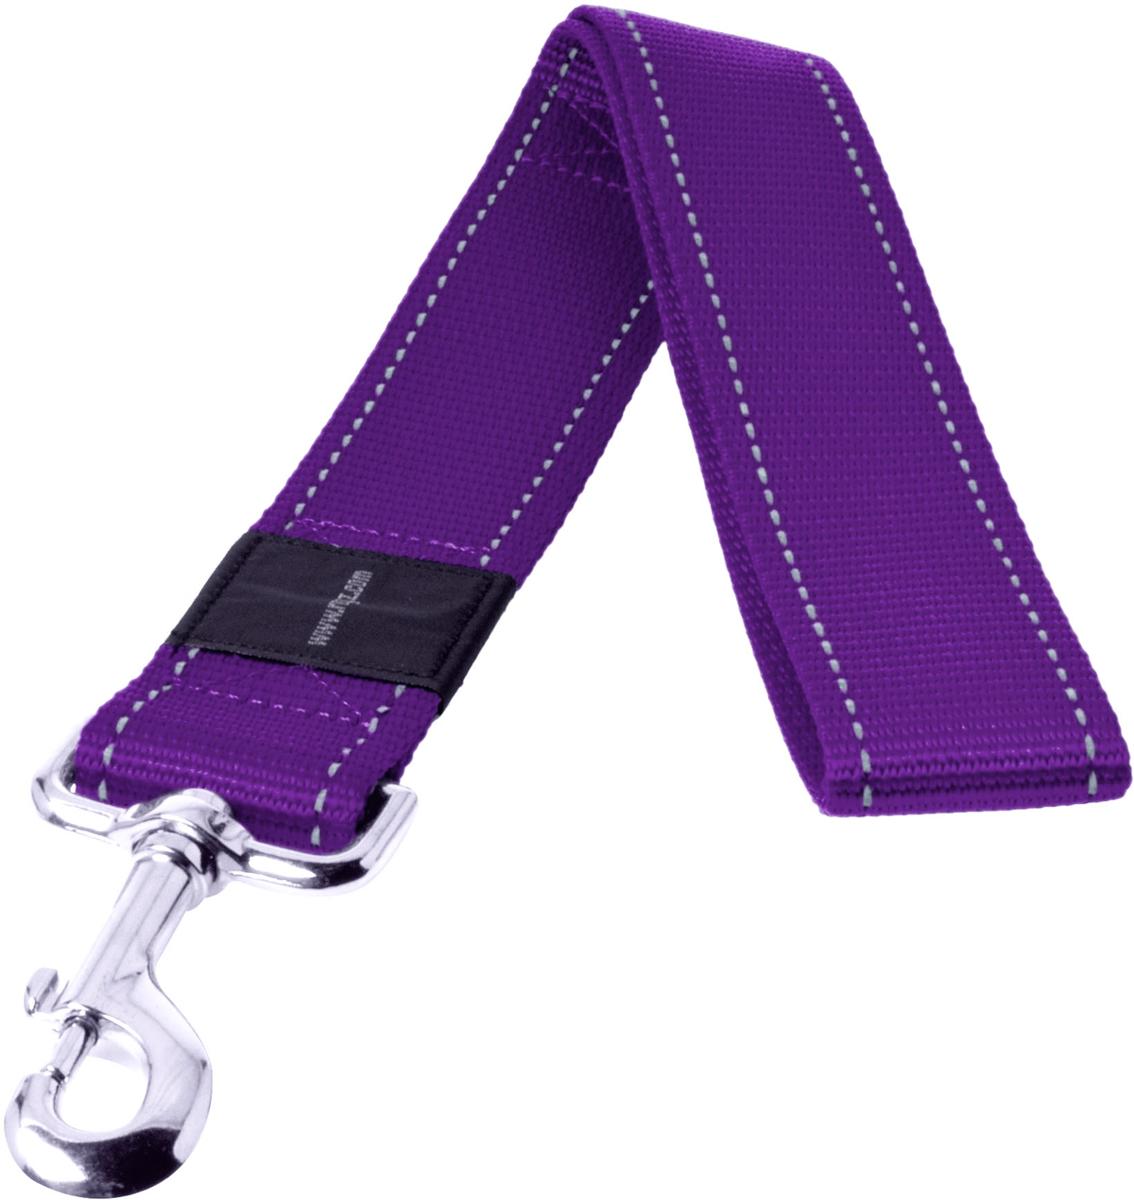 Поводок для собак Rogz Utility, цвет: фиолетовый, ширина 4 см. Размер XXLHL19EПоводок для собак Rogz Utility  со светоотражающей нитью, вплетенной в нейлоновую ленту, обеспечивает лучшую видимость собаки в темное время суток. Специальная конструкция пряжки Rog Loc - очень крепкая (система Fort Knox). Замок может быть расстегнут только рукой человека. Технология распределения нагрузки позволяет снизить нагрузку на пряжки, изготовленные из титанового пластика, с помощью правильного и разумного расположения грузовых колец, благодаря чему, даже при самых сильных рывках, изделие не рвется и не деформируется.Выполненные специально по заказу ROGZ литые кольца гальванически хромированы, что позволяет избежать коррозии и потускнения изделия.